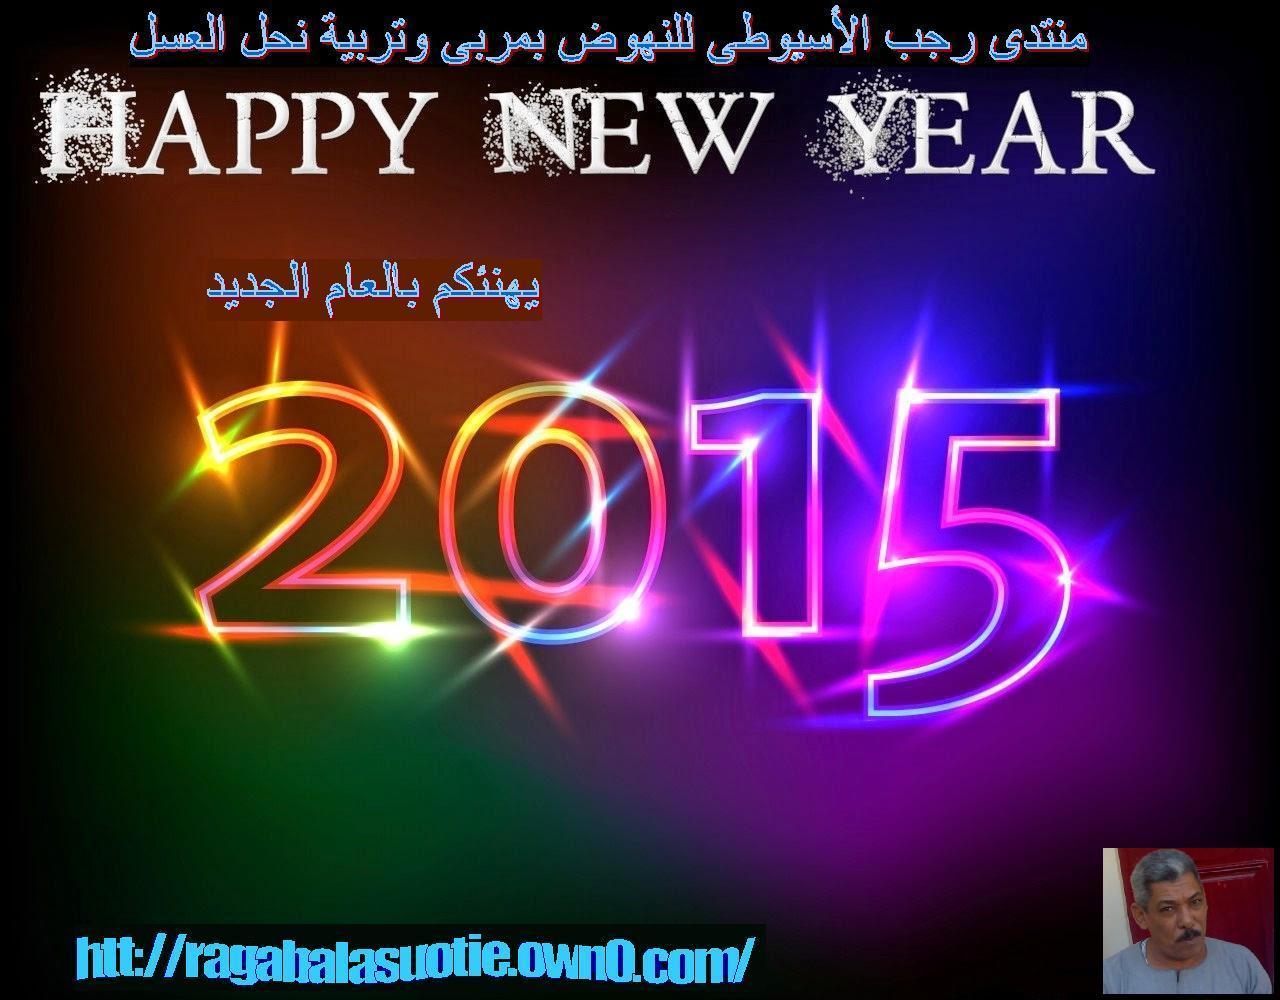 تهنئة  رجب الأسيوطى بمناسبة قدوم العام الجديد 2015 الميلادي   90974710